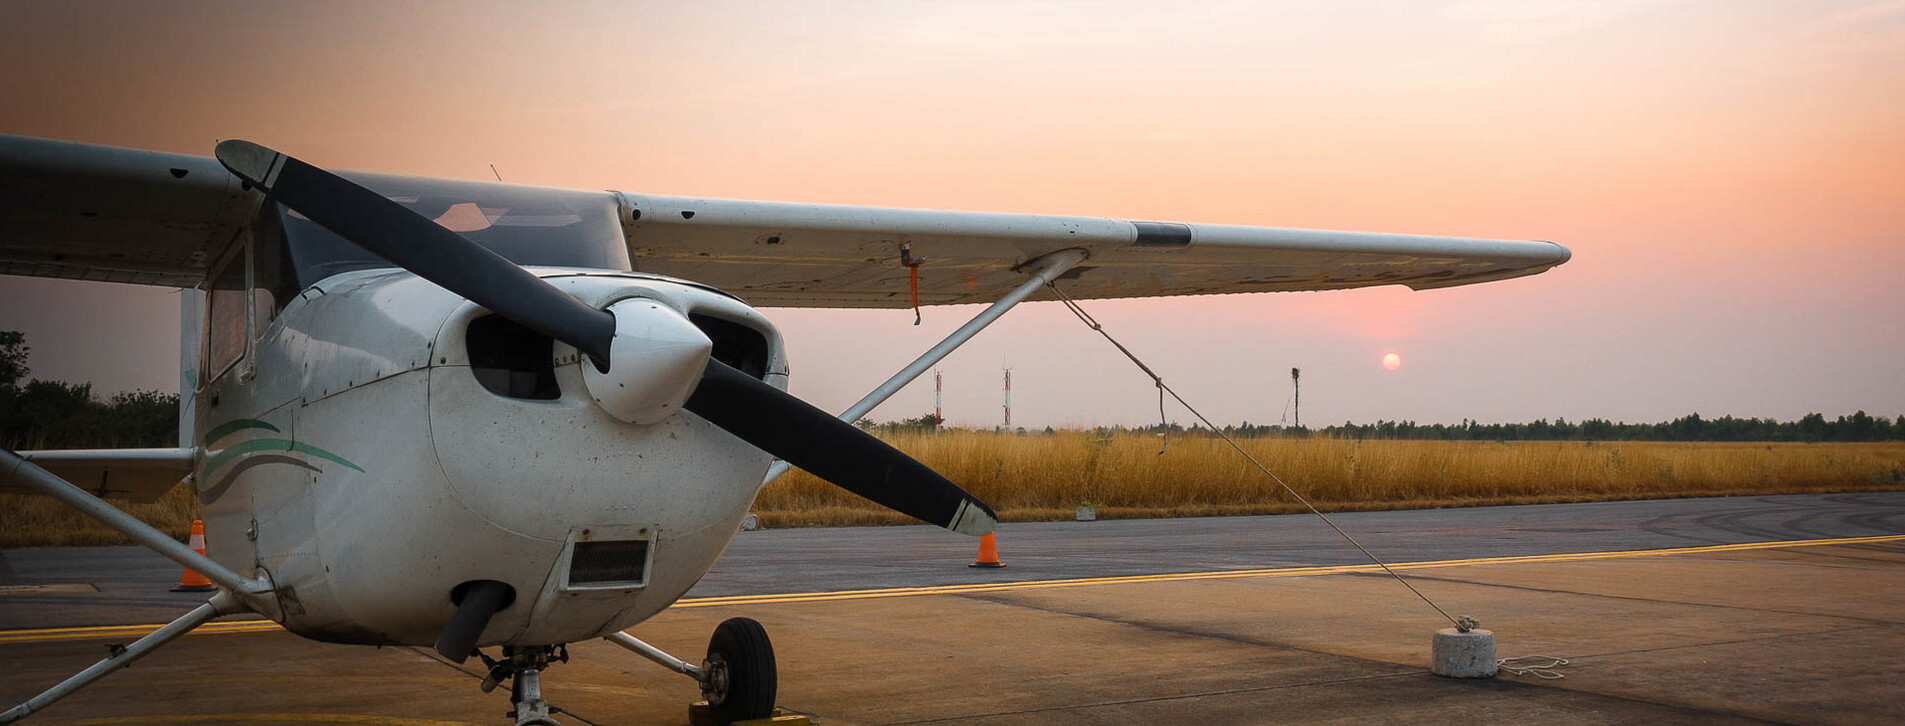 Фото 1 - Тренировочный полет на самолете Long